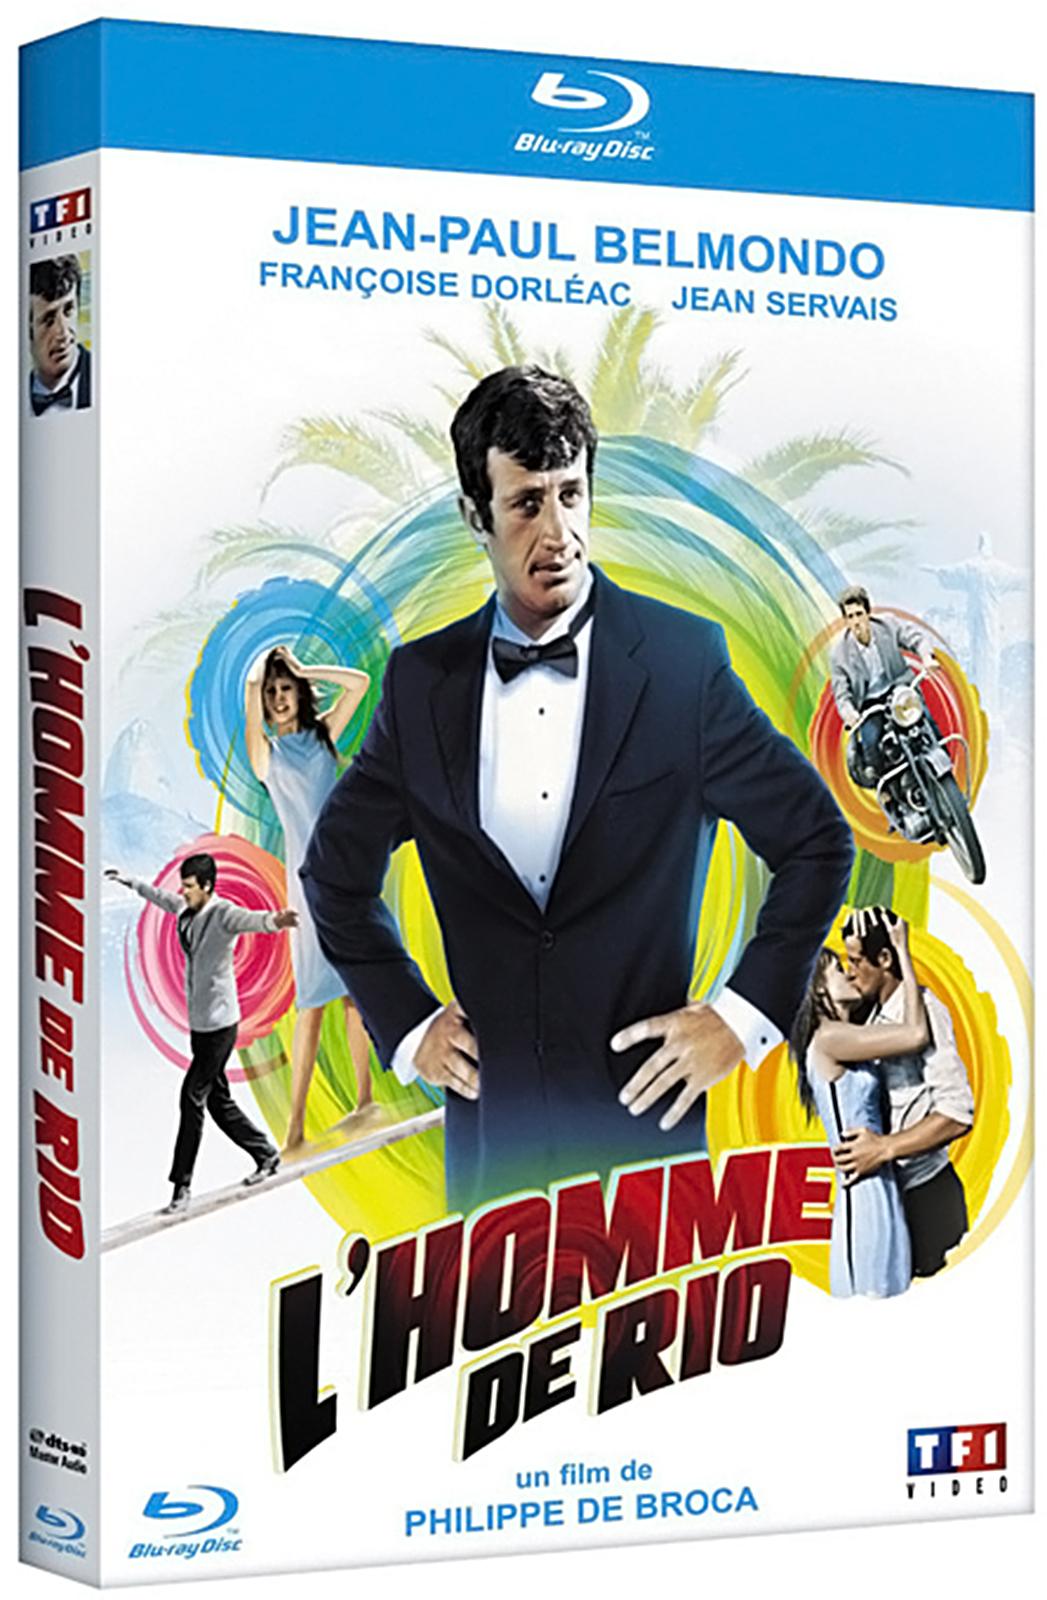 téléchargez les 4 nouvelles versions Blu-ray 2013